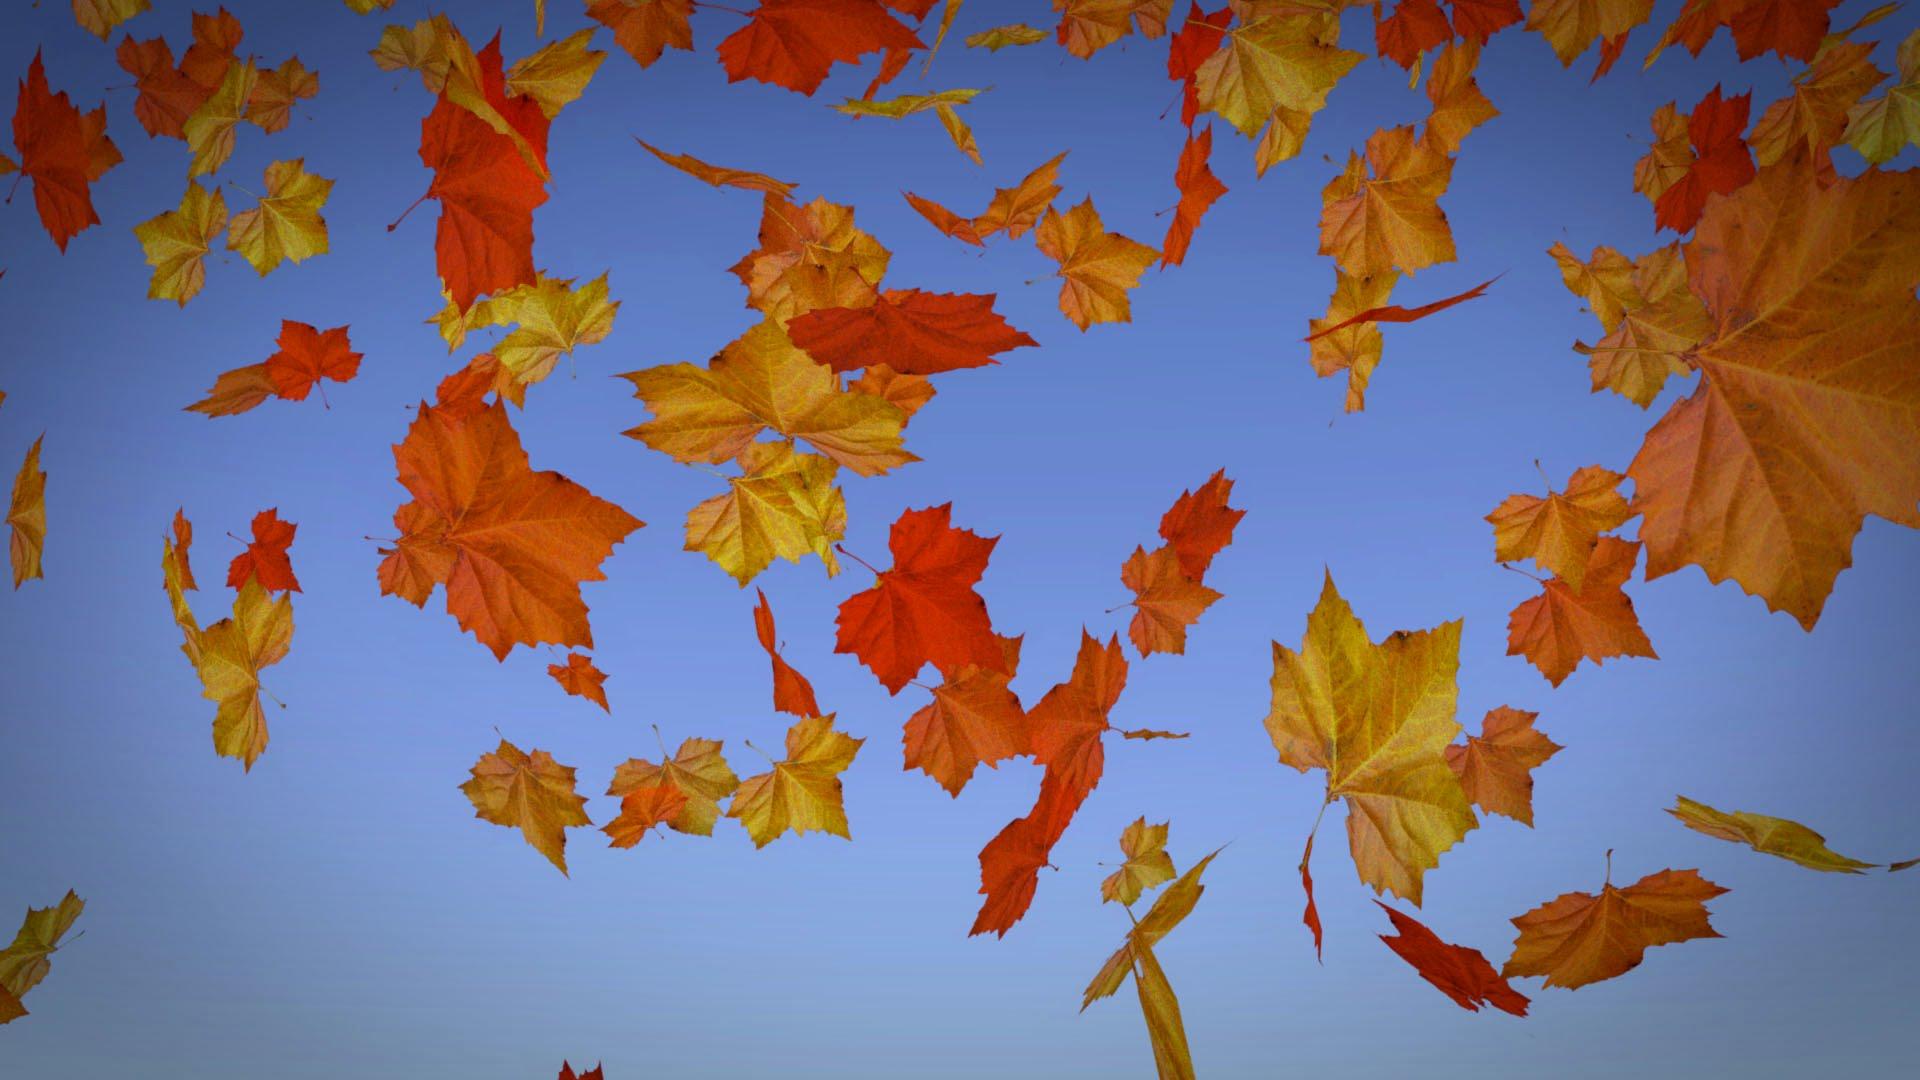 Blender 2.72 Tutorial - Falling Leaves - YouTube